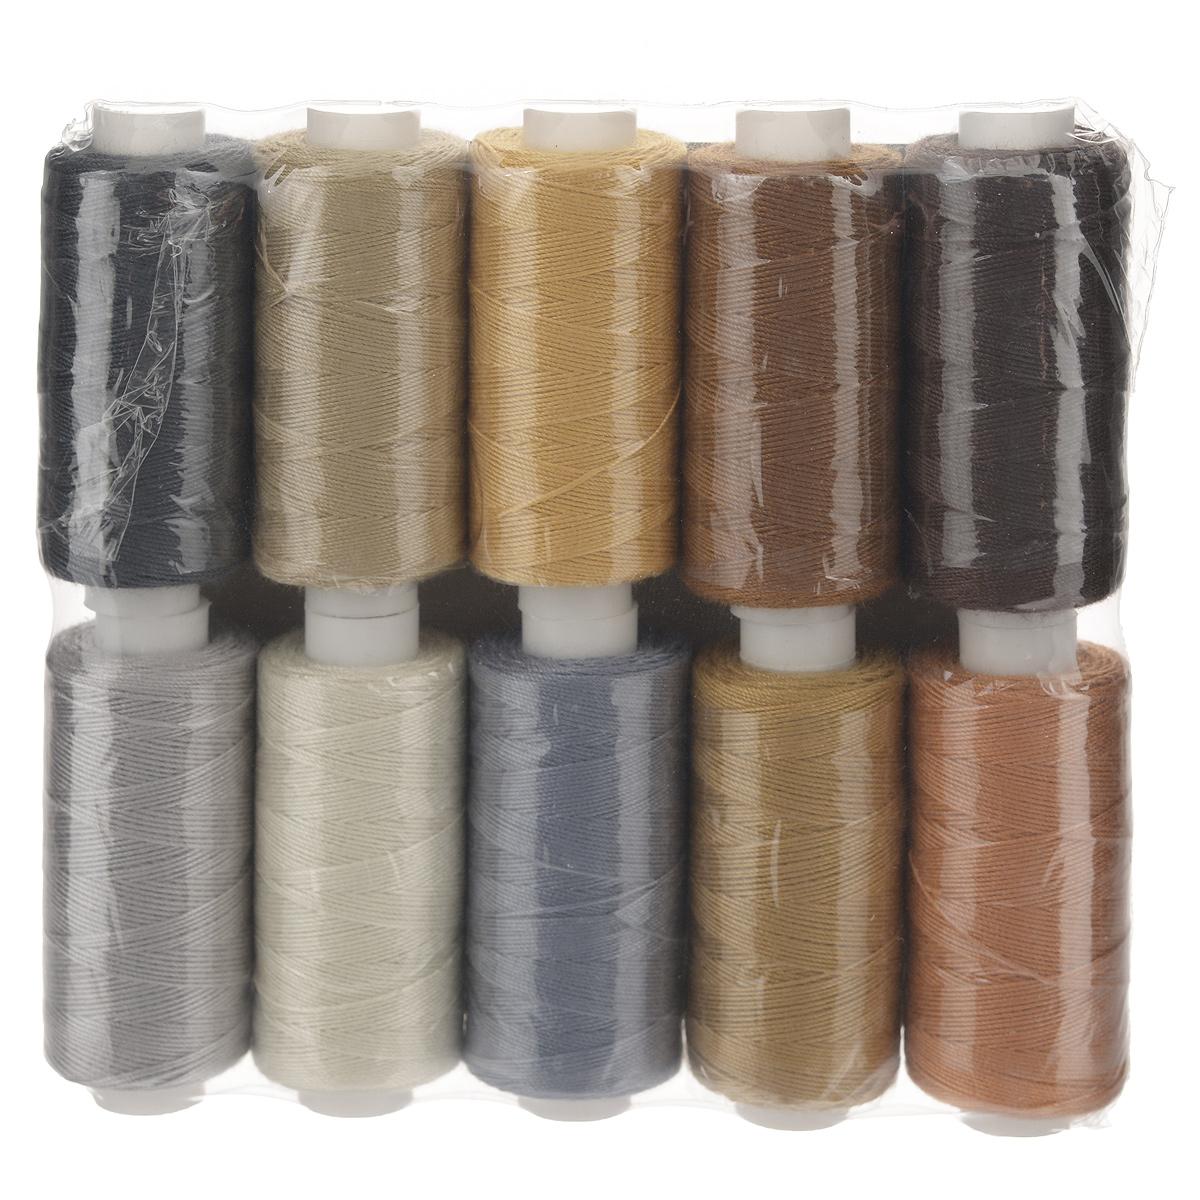 Набор ниток Ассорти 20/3, 120 м, 10 бобин. 675491_1675491_1Набор Ассорти 20/3 состоит из 10 бобин с нитками 10 цветов. Универсальная швейная нить изготовлена из 100% полиэстера и рекомендуется для бытовых и швейных машин, а также рукоделия. Нить используется для швов повышенной прочности, декоративных швов, в пошиве сумок, спецодежды, галантереи и многого другого.